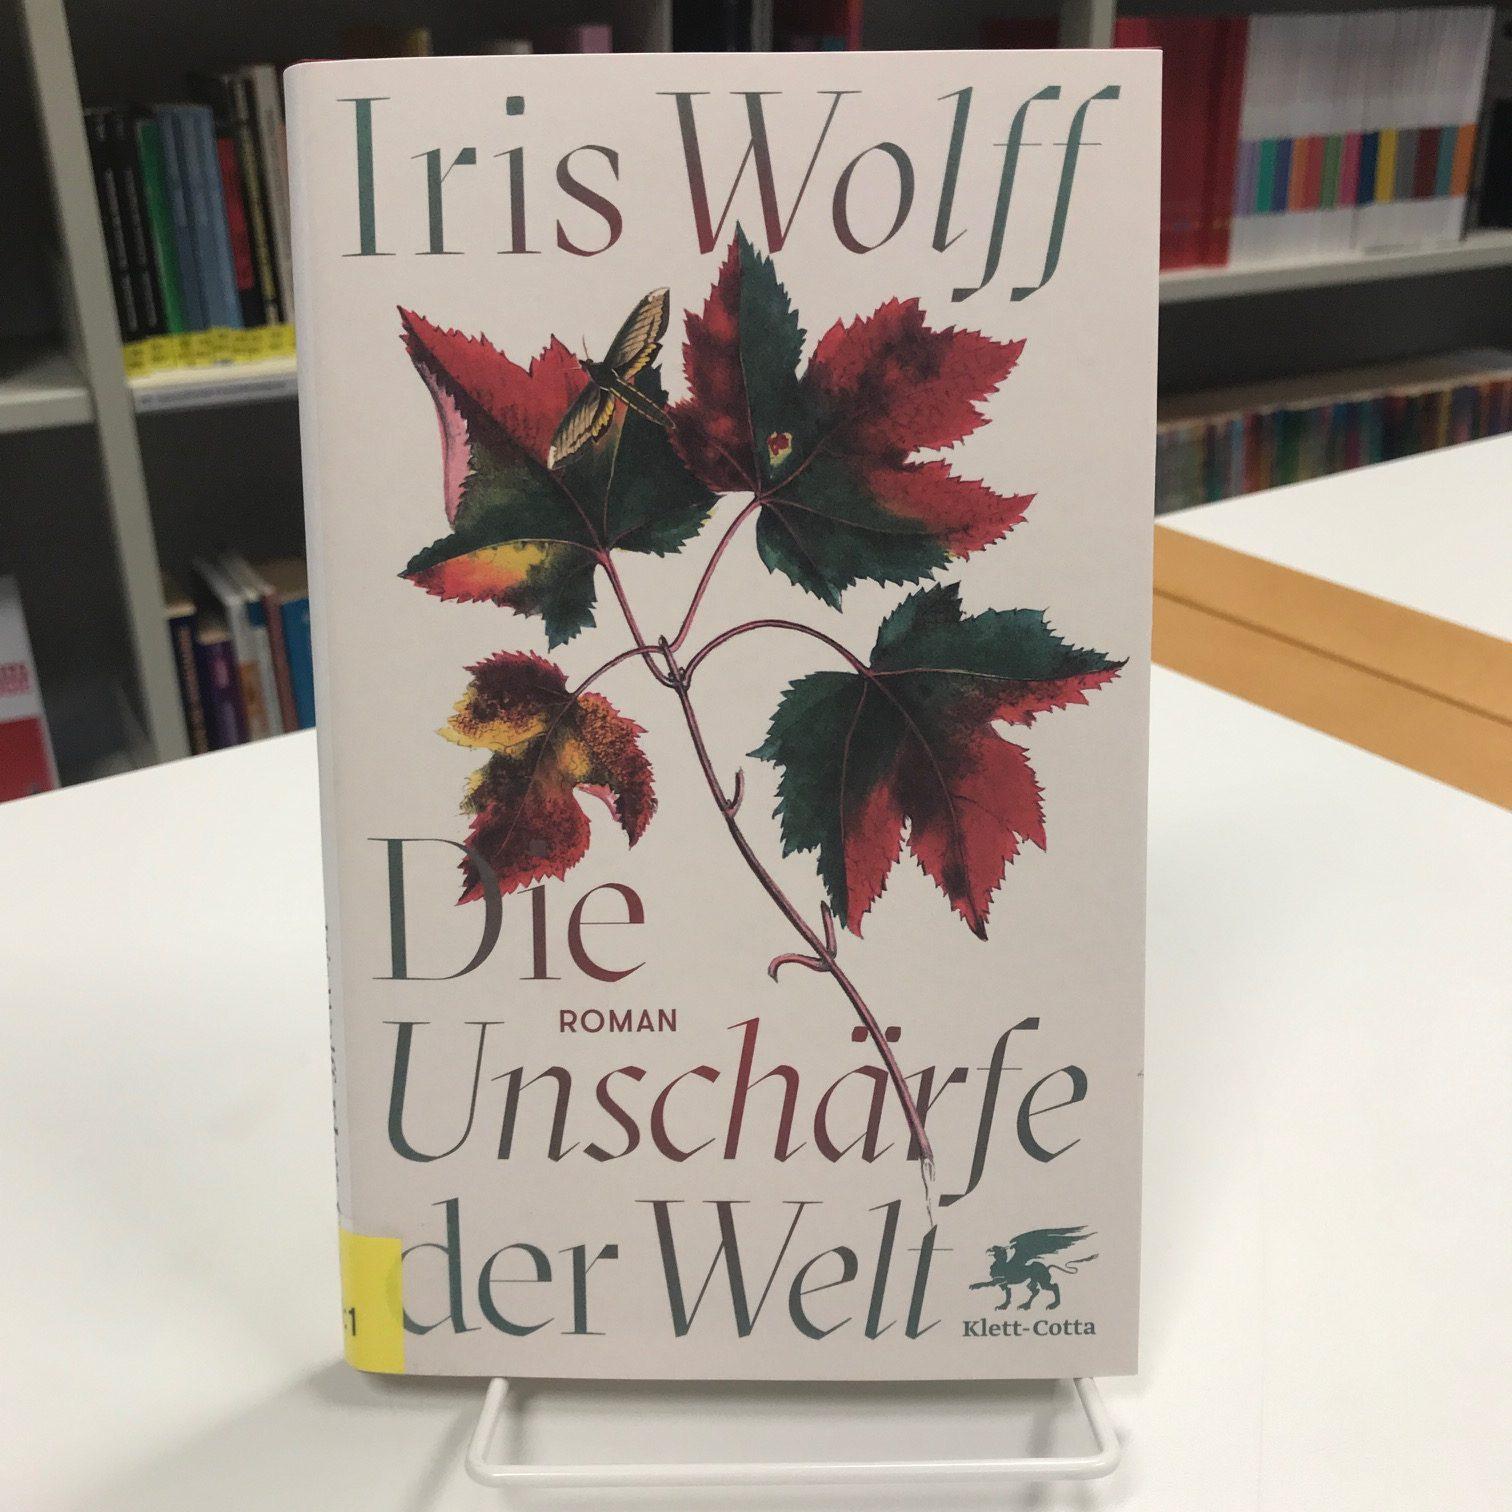 Ausgezeichnete Autorin Iris Wolff